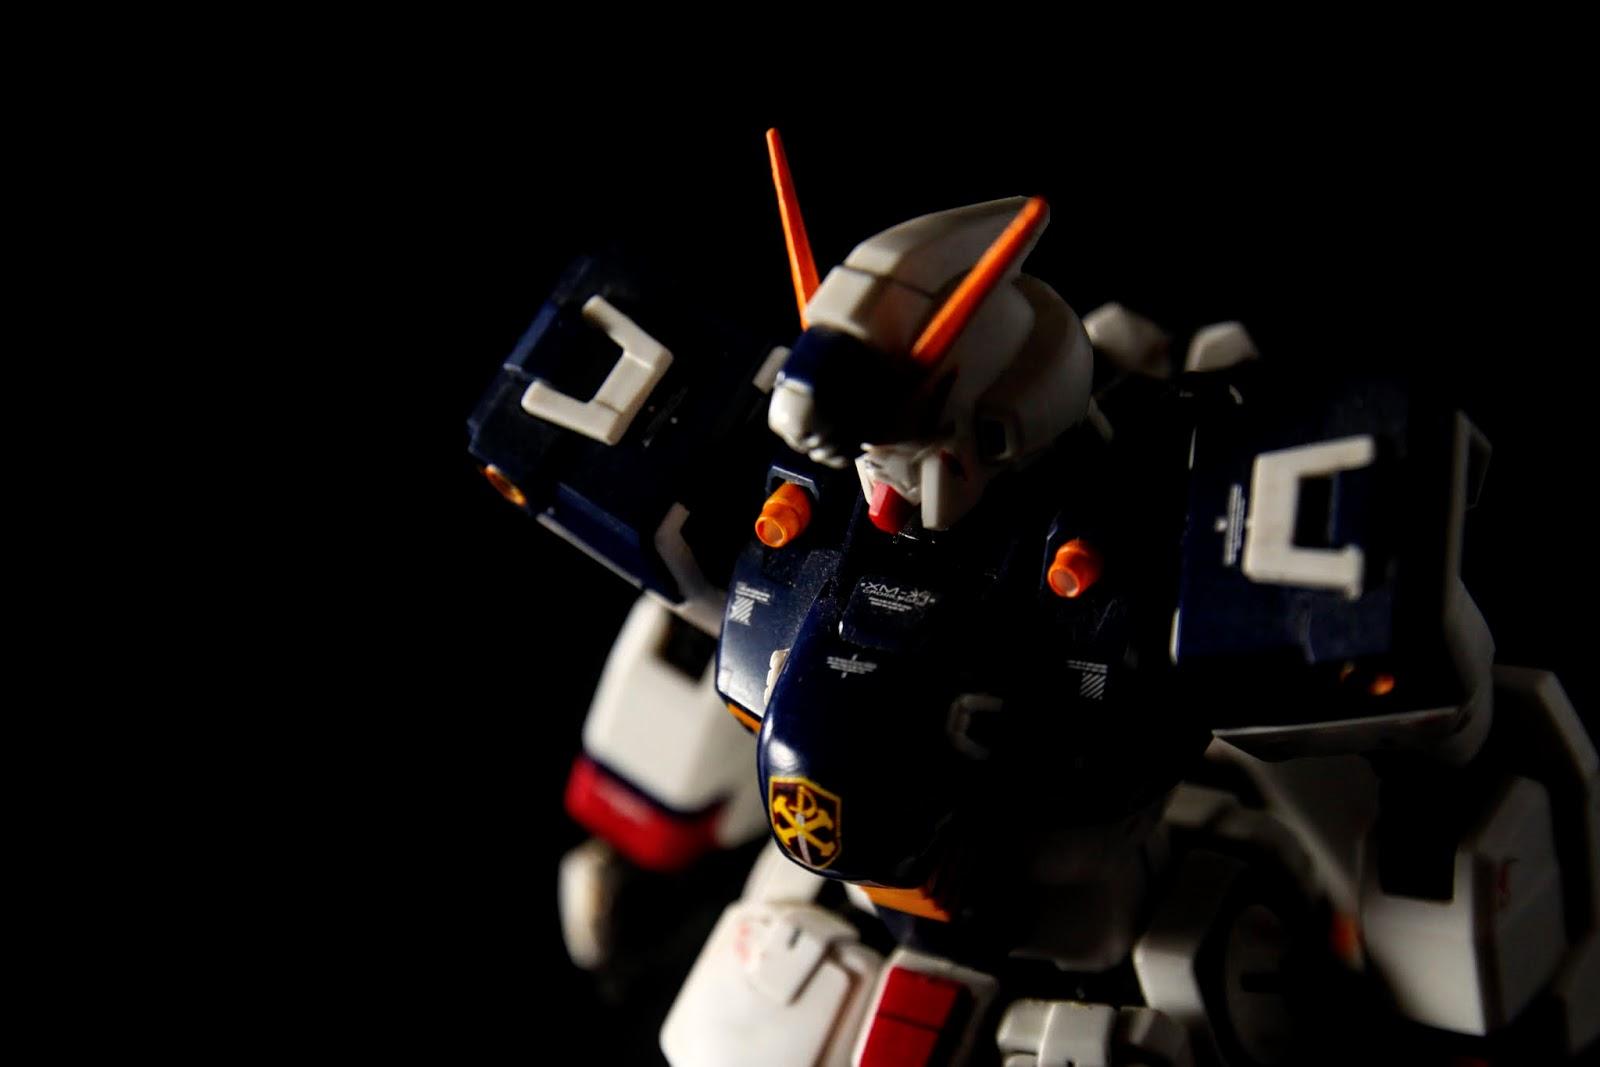 兩肩有ビームサーベル, 一般是當成光束機槍用